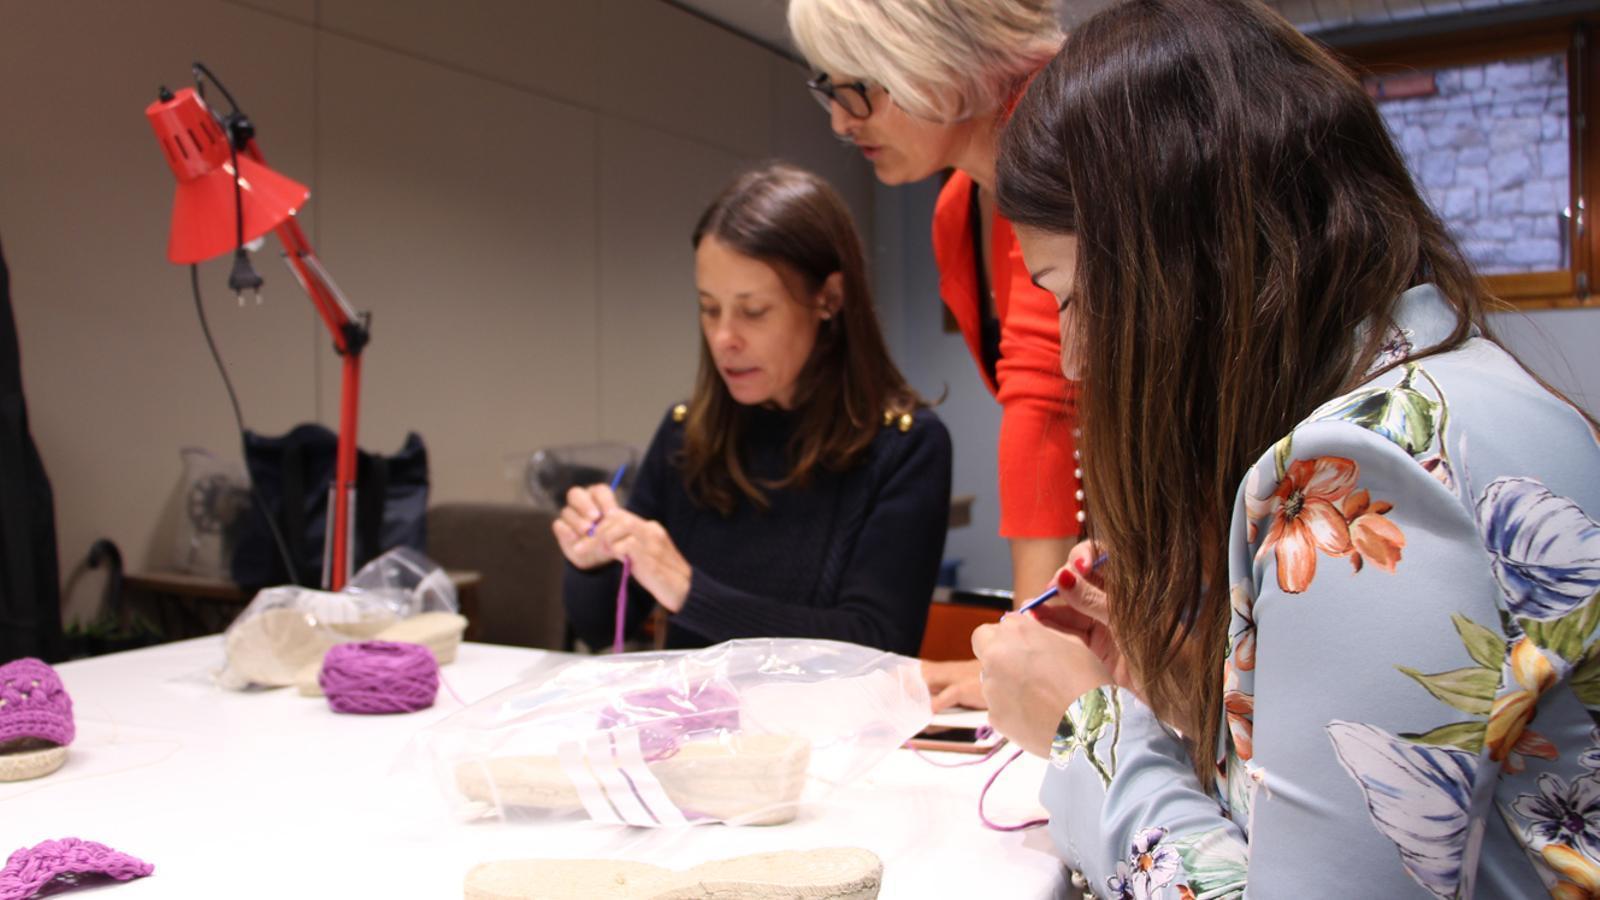 Un moment del taller monogràfic de sandàlies dut a terme aquest dimarts a Encamp. / M. P. (ANA)